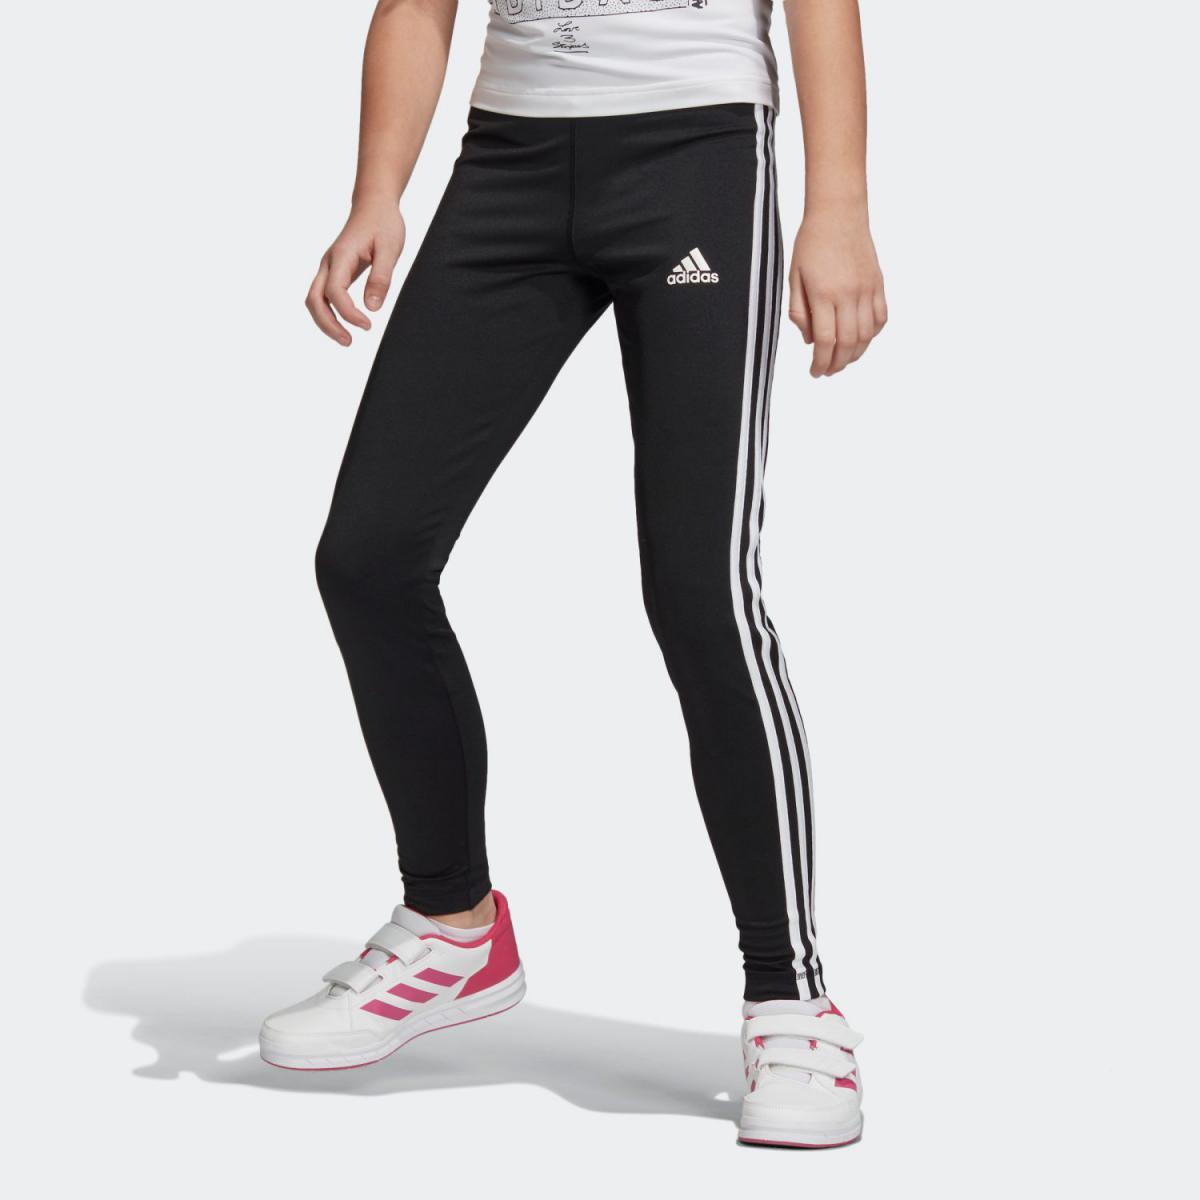 全品送料無料! 3/20 17:00〜3/26 16:59 【公式】アディダス adidas G TRN スリーストライプス タイツ キッズ DV2755 ジム・トレーニング ウェア ボトムス 【bs_girls】